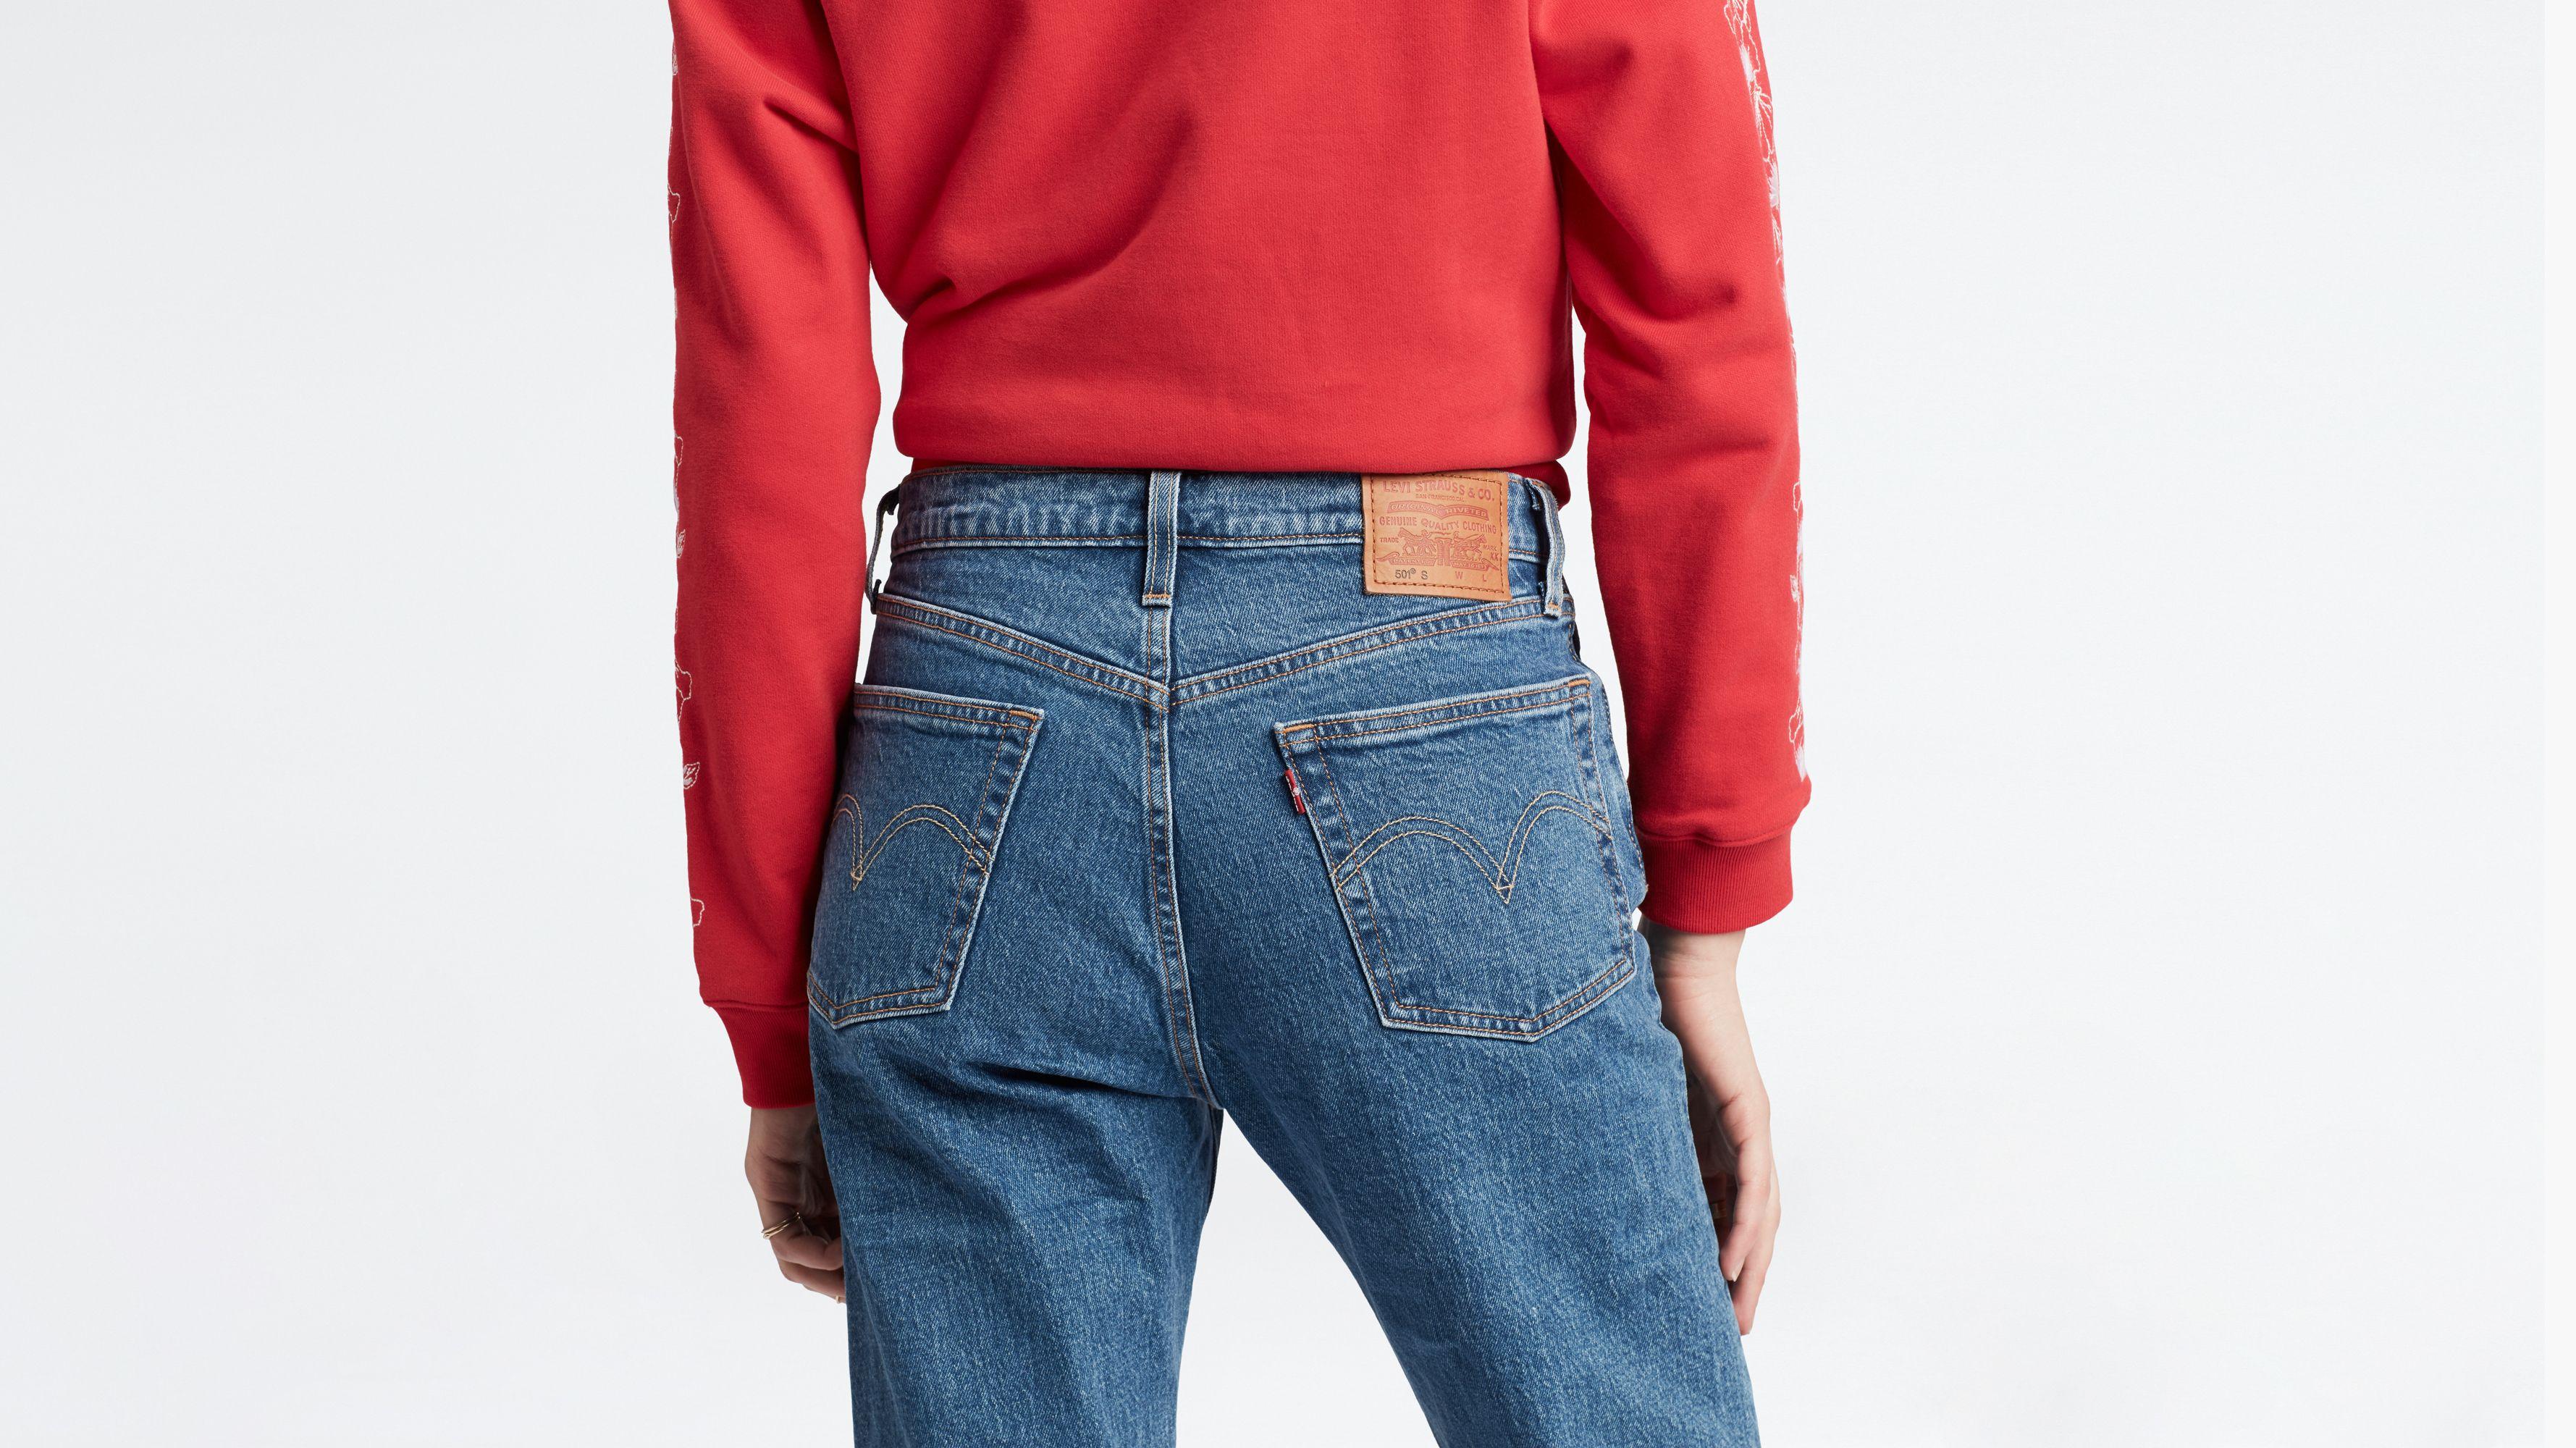 Jeans da donna Donna Taglie Forti Taglio Diritto Jeans Denim Blu 16 18 20 22 24 26 28 30 32 Crop Abbigliamento Denim